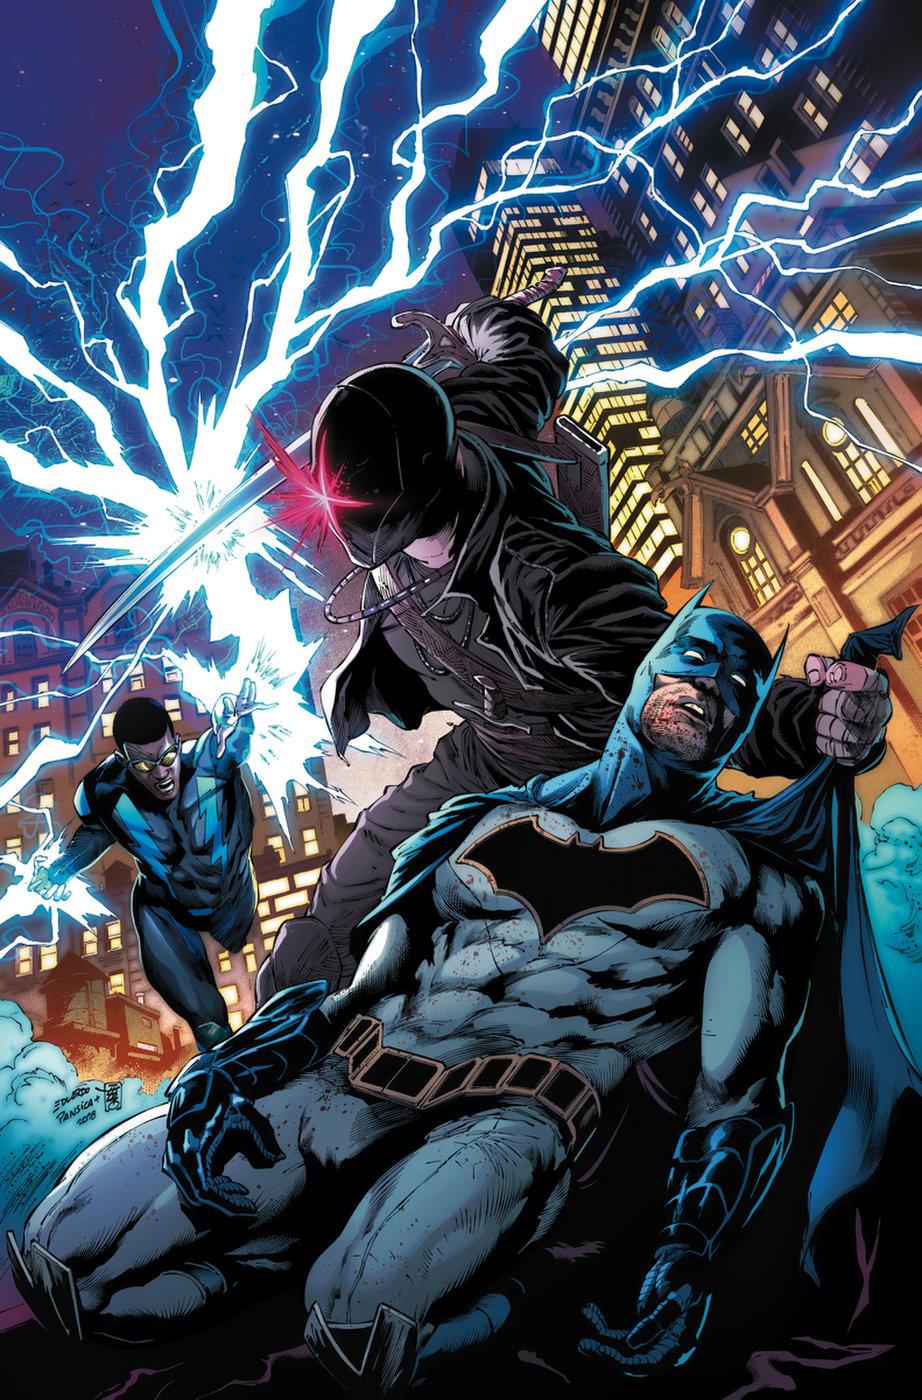 Batman - Detective Comics 8 - On the outside